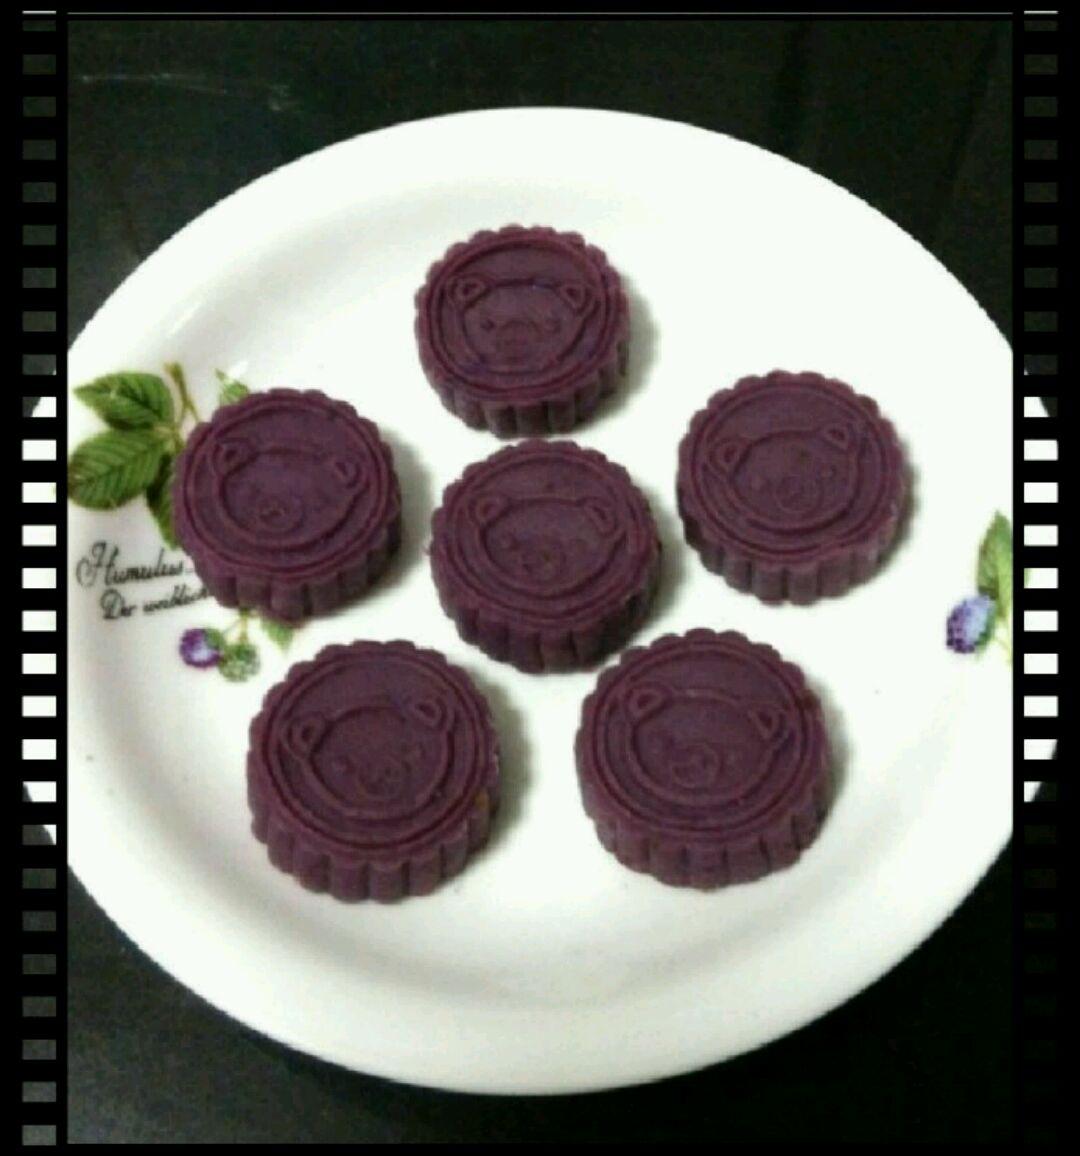 美味紫薯糕简介及特色: 这道美味紫薯糕不仅像其他菜一样含有丰富的营养,而且还口感特别好,并有较好的食疗功效。它主要的材料由 紫薯(500g); 牛奶 (适量); 蜂蜜 ,糖 桂花 , 柚子 茶(适量); 冰糖 (适量适量); 豆沙 馅(200g); 蓝莓 酱(一瓶,用不完);中筋 面粉 (100g); 橄榄油 (适量)组成,制作过程简单,100%成功,特别值得强烈推荐 !